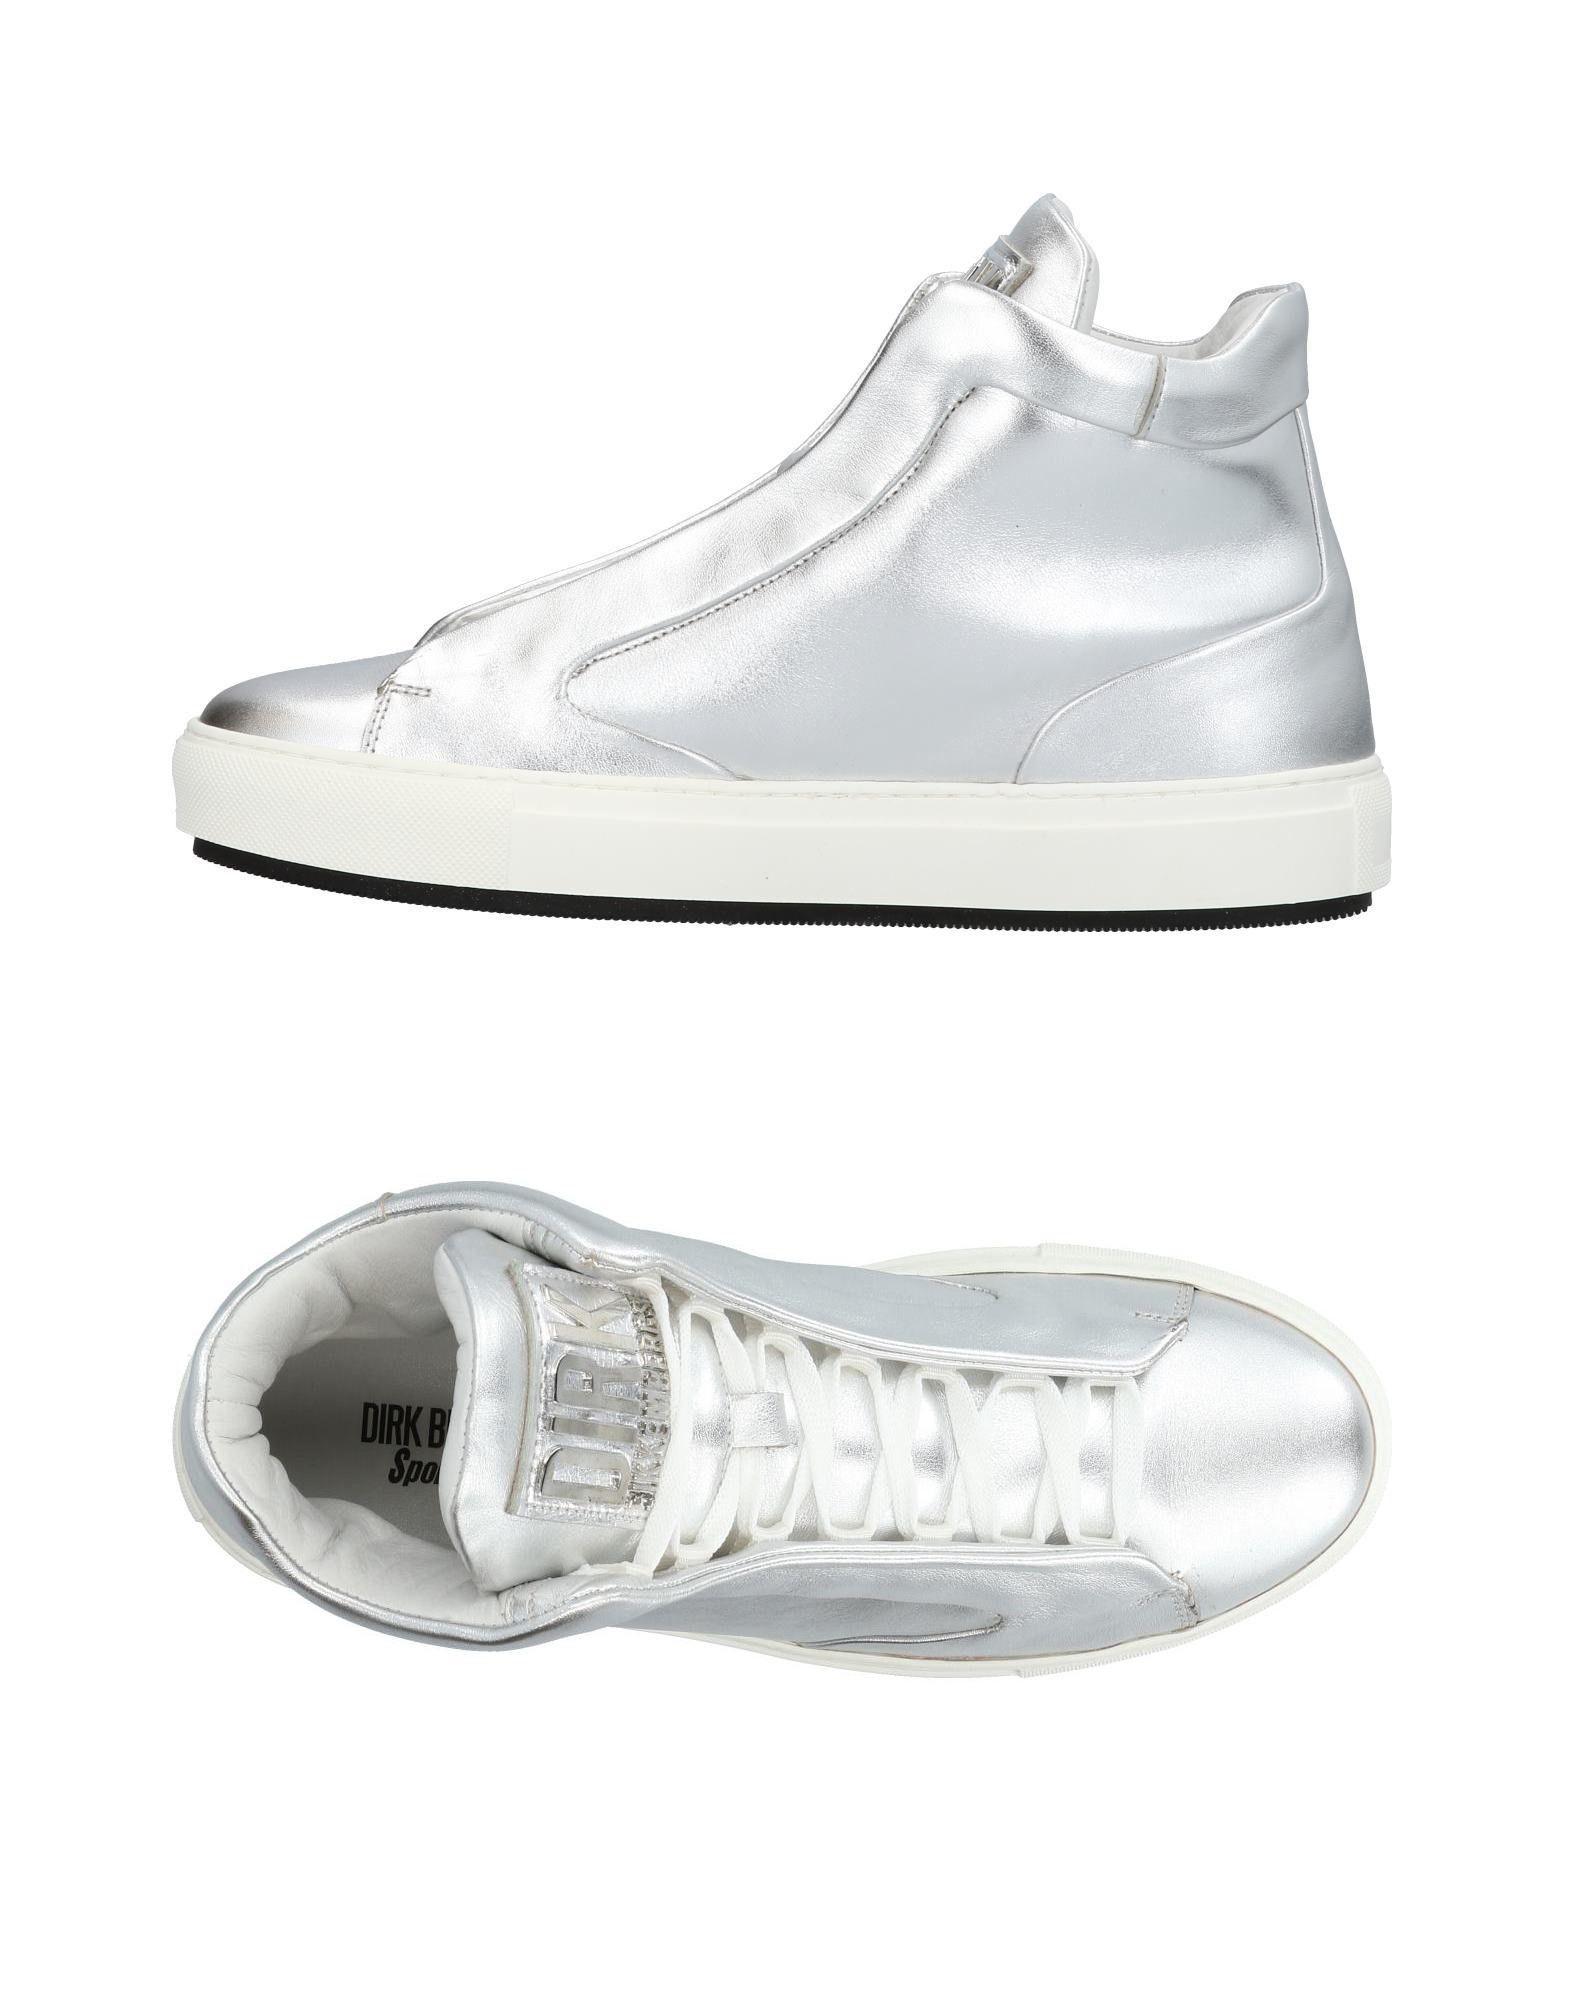 Dirk Bikkembergs Sneakers Herren  11418073OO Gute Qualität beliebte Schuhe